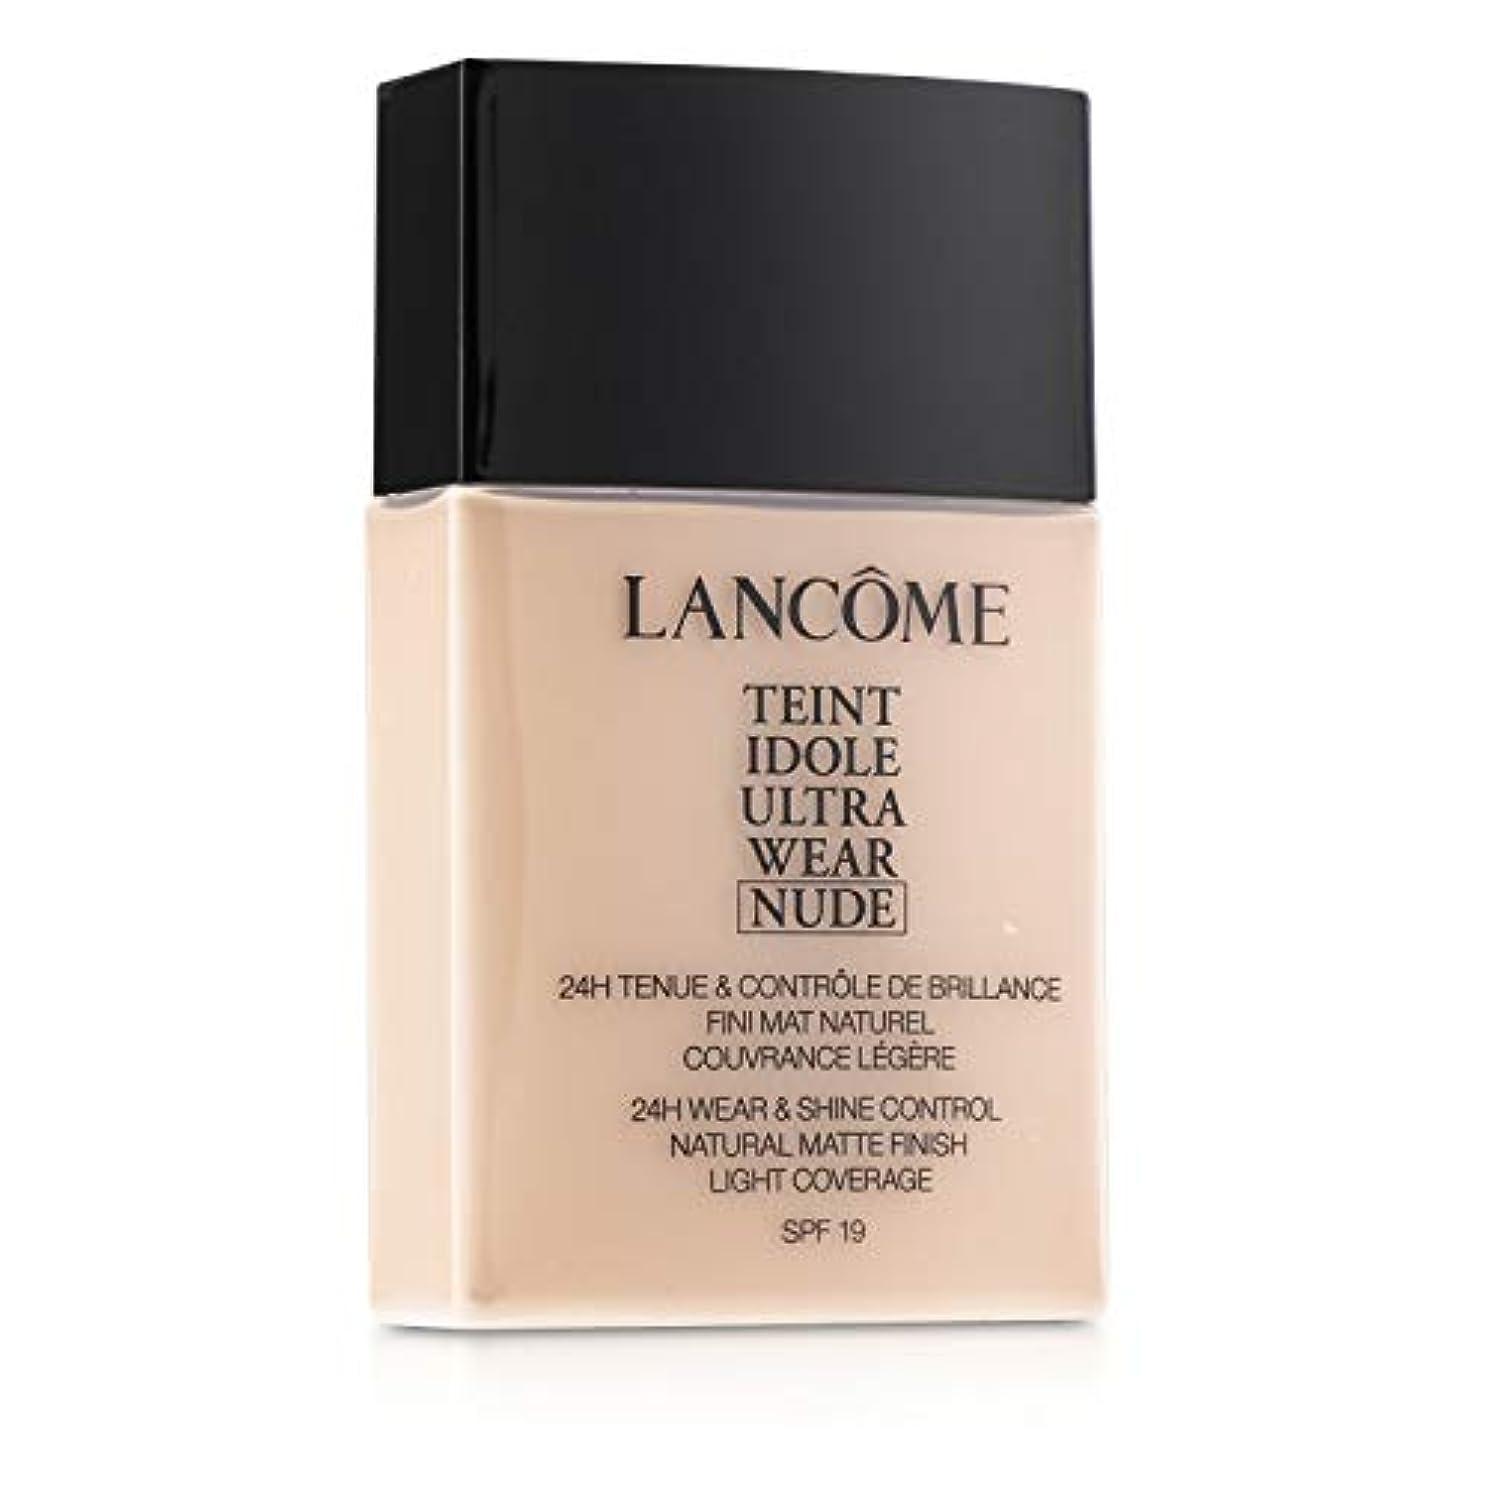 スキャンパキスタン放牧するランコム Teint Idole Ultra Wear Nude Foundation SPF19 - # 007 Beige Rose 40ml/1.3oz並行輸入品